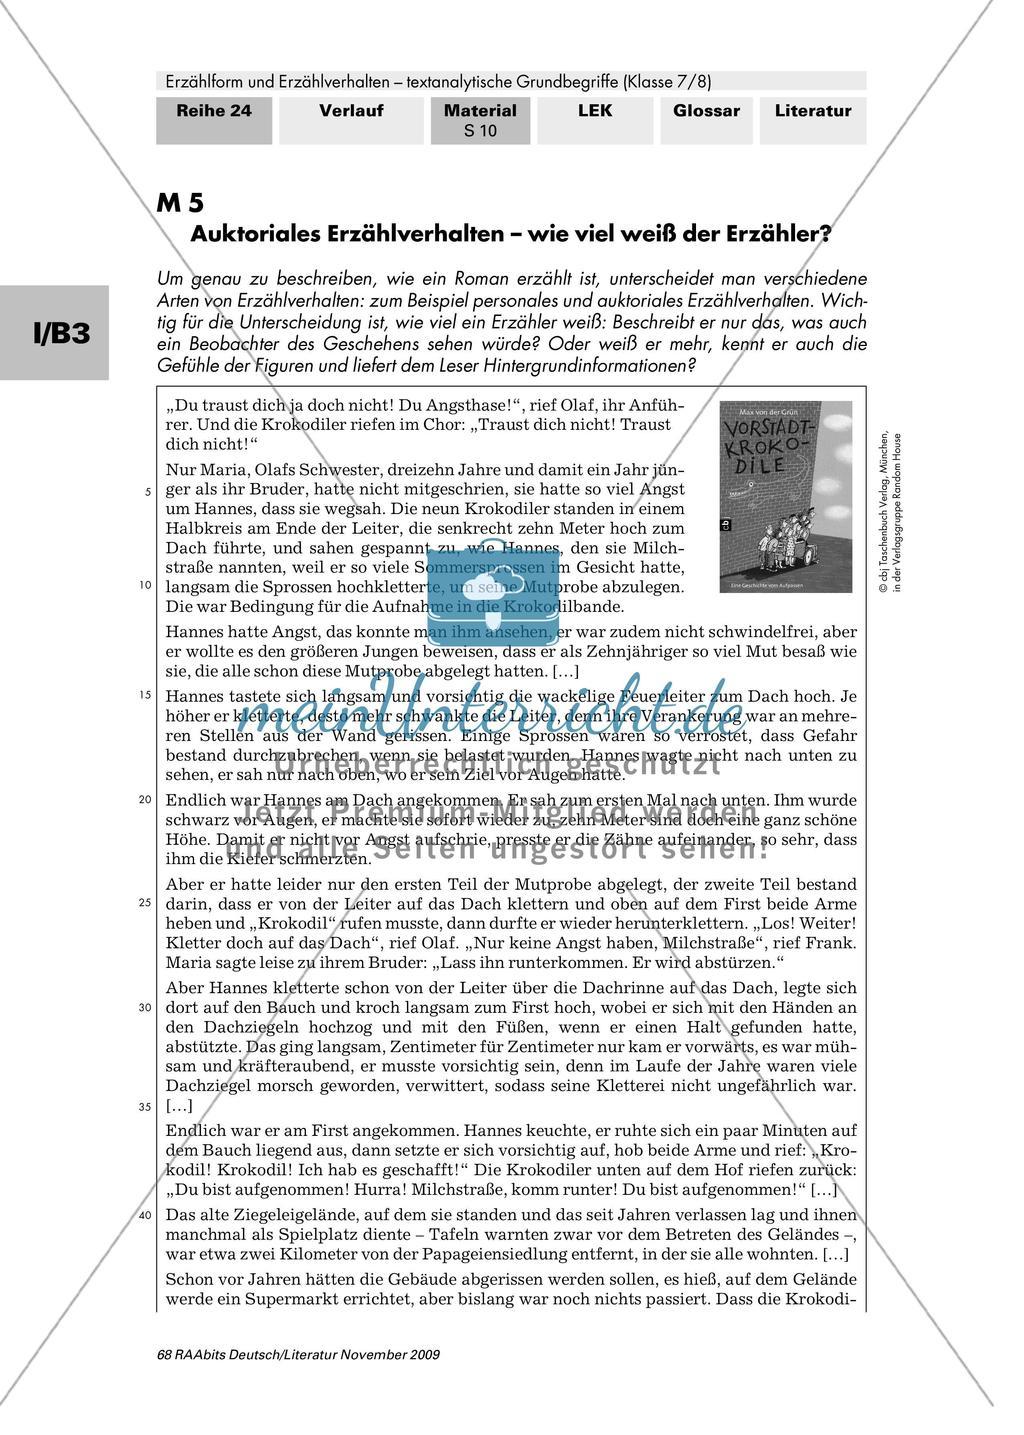 """Auktoriales Erzählverhalten am Roman """"Vorstadtkrokodile"""" untersuchen Preview 1"""